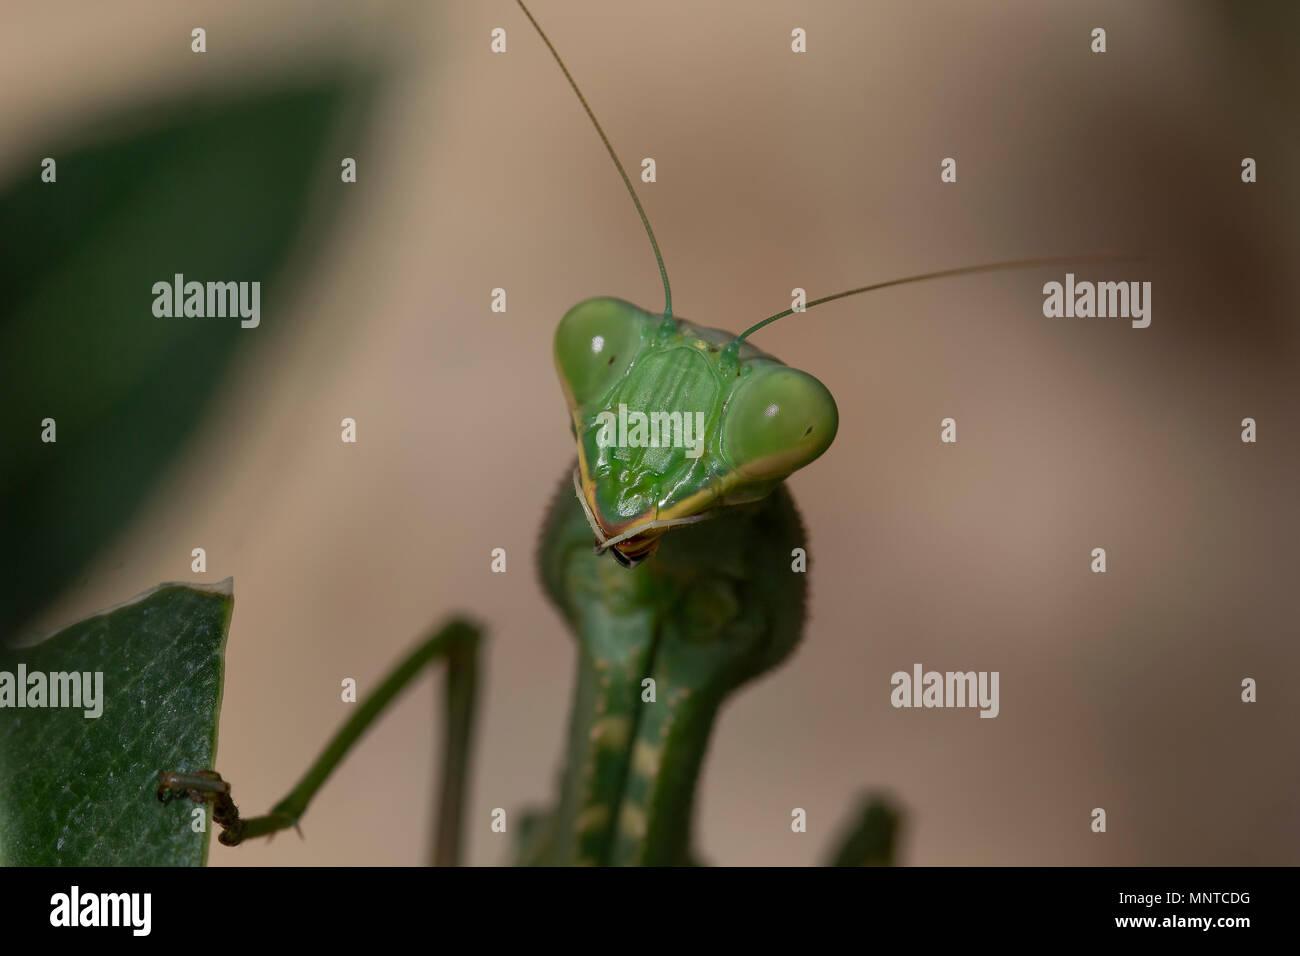 Giant African mantis, Sphodromantis viridis dans la nature entre un buisson dans un jardin à Chypre au cours du mois de mai. Photo Stock